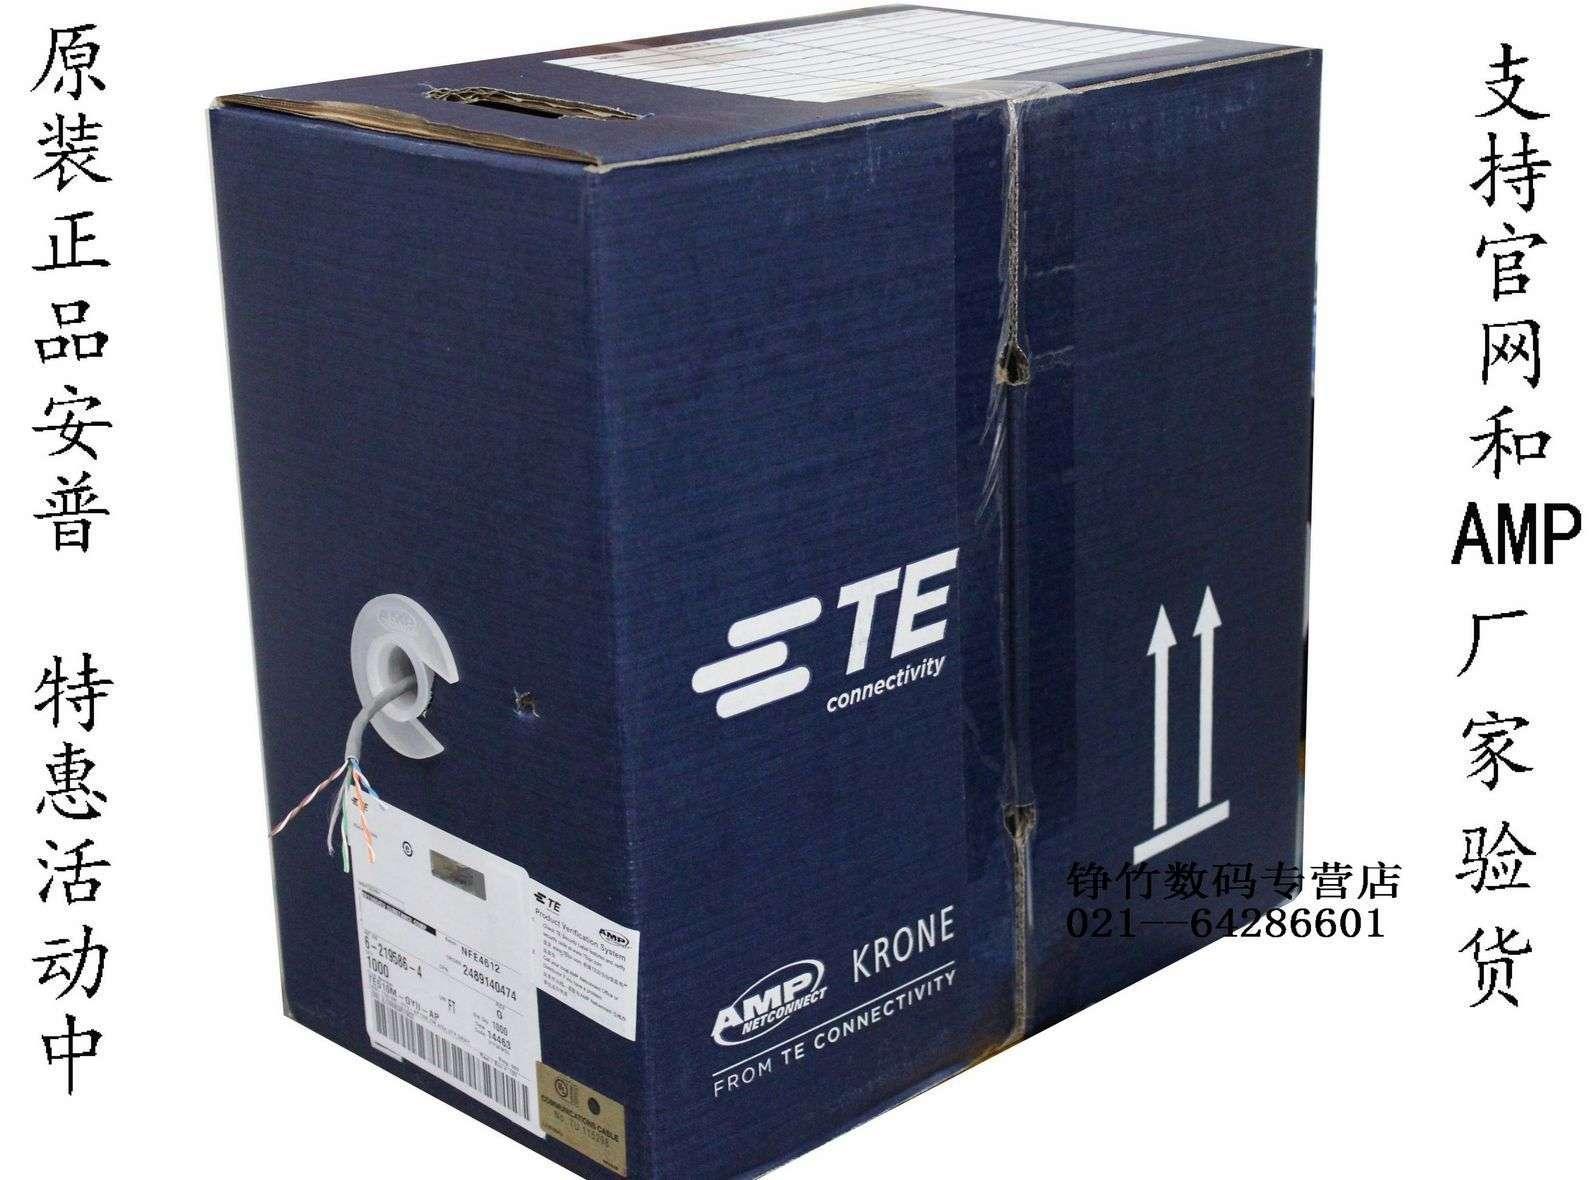 2018 Original Amp Amp 6 219586 4 Utp Cable Utp Blue Box 305 M Spot From Mini900416 $155.58   Dhgate.Com  sc 1 st  DHgate.com & 2018 Original Amp Amp 6 219586 4 Utp Cable Utp Blue Box 305 M Spot ... Aboutintivar.Com